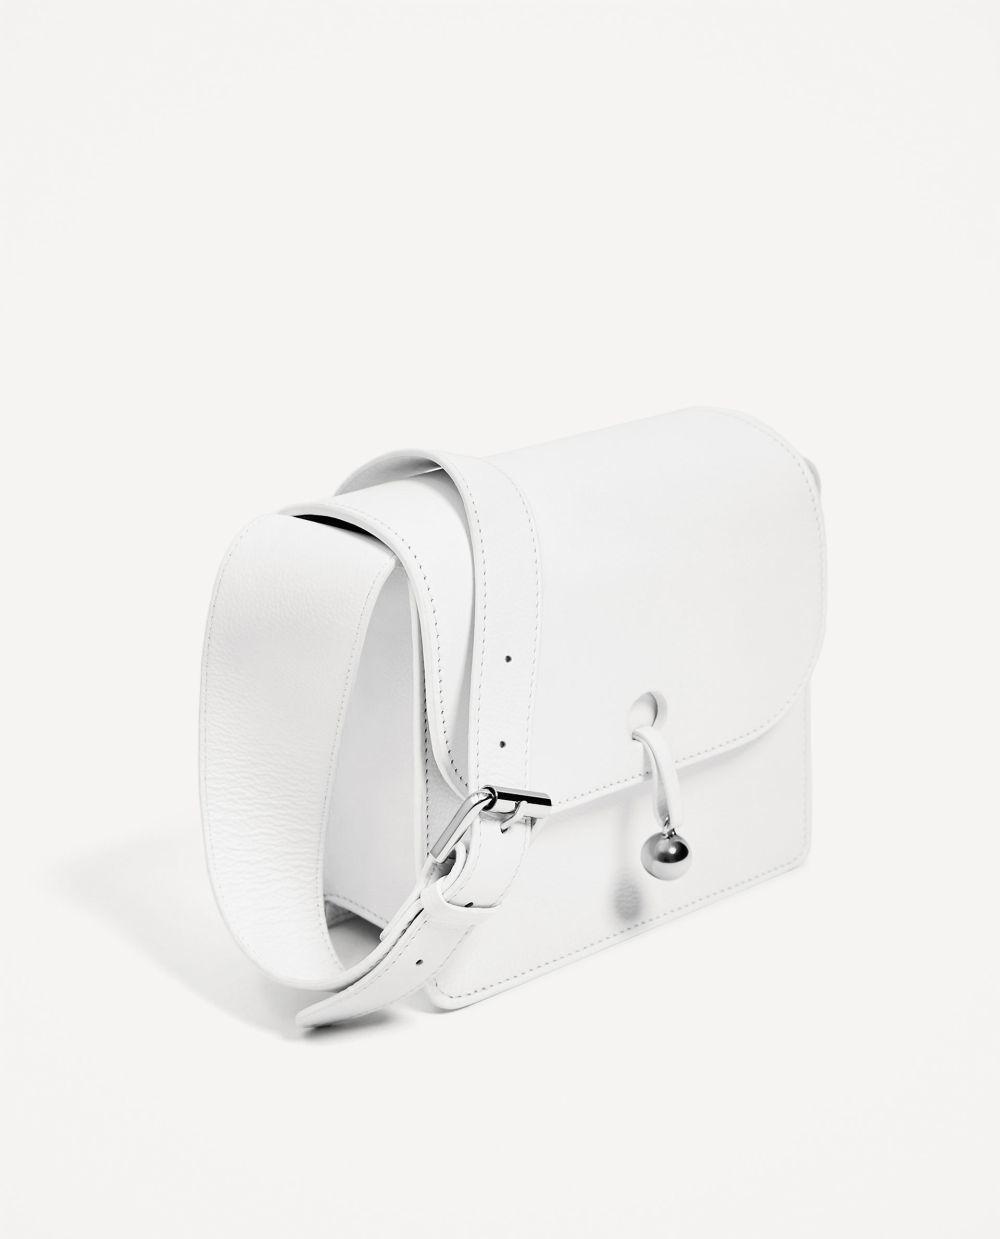 Bolso de piel Zara (49.95 euros).